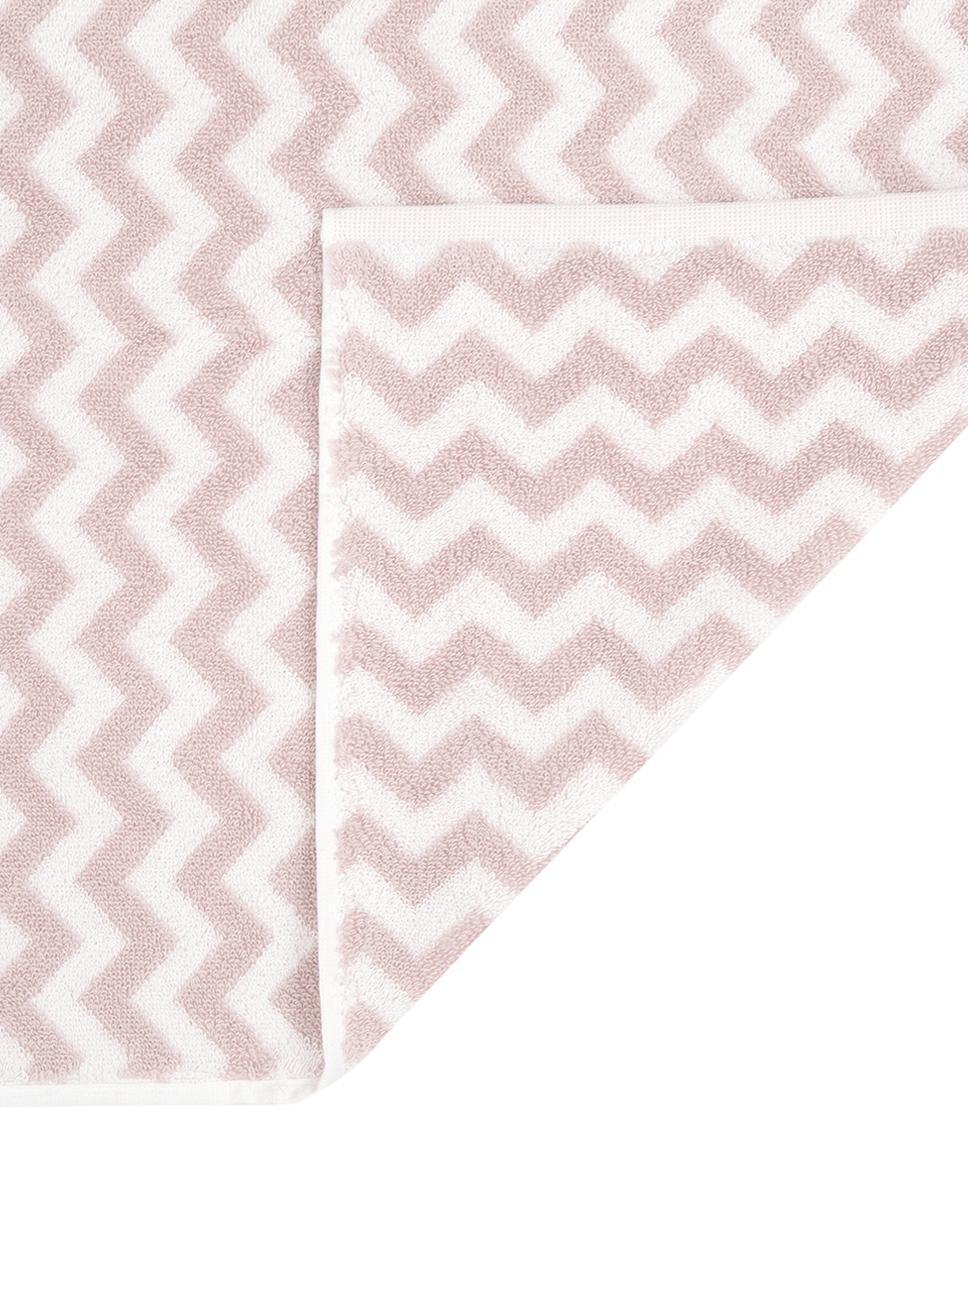 Handtuch Liv in verschiedenen Größen, mit Zickzack-Muster, Rosa, Handtuch